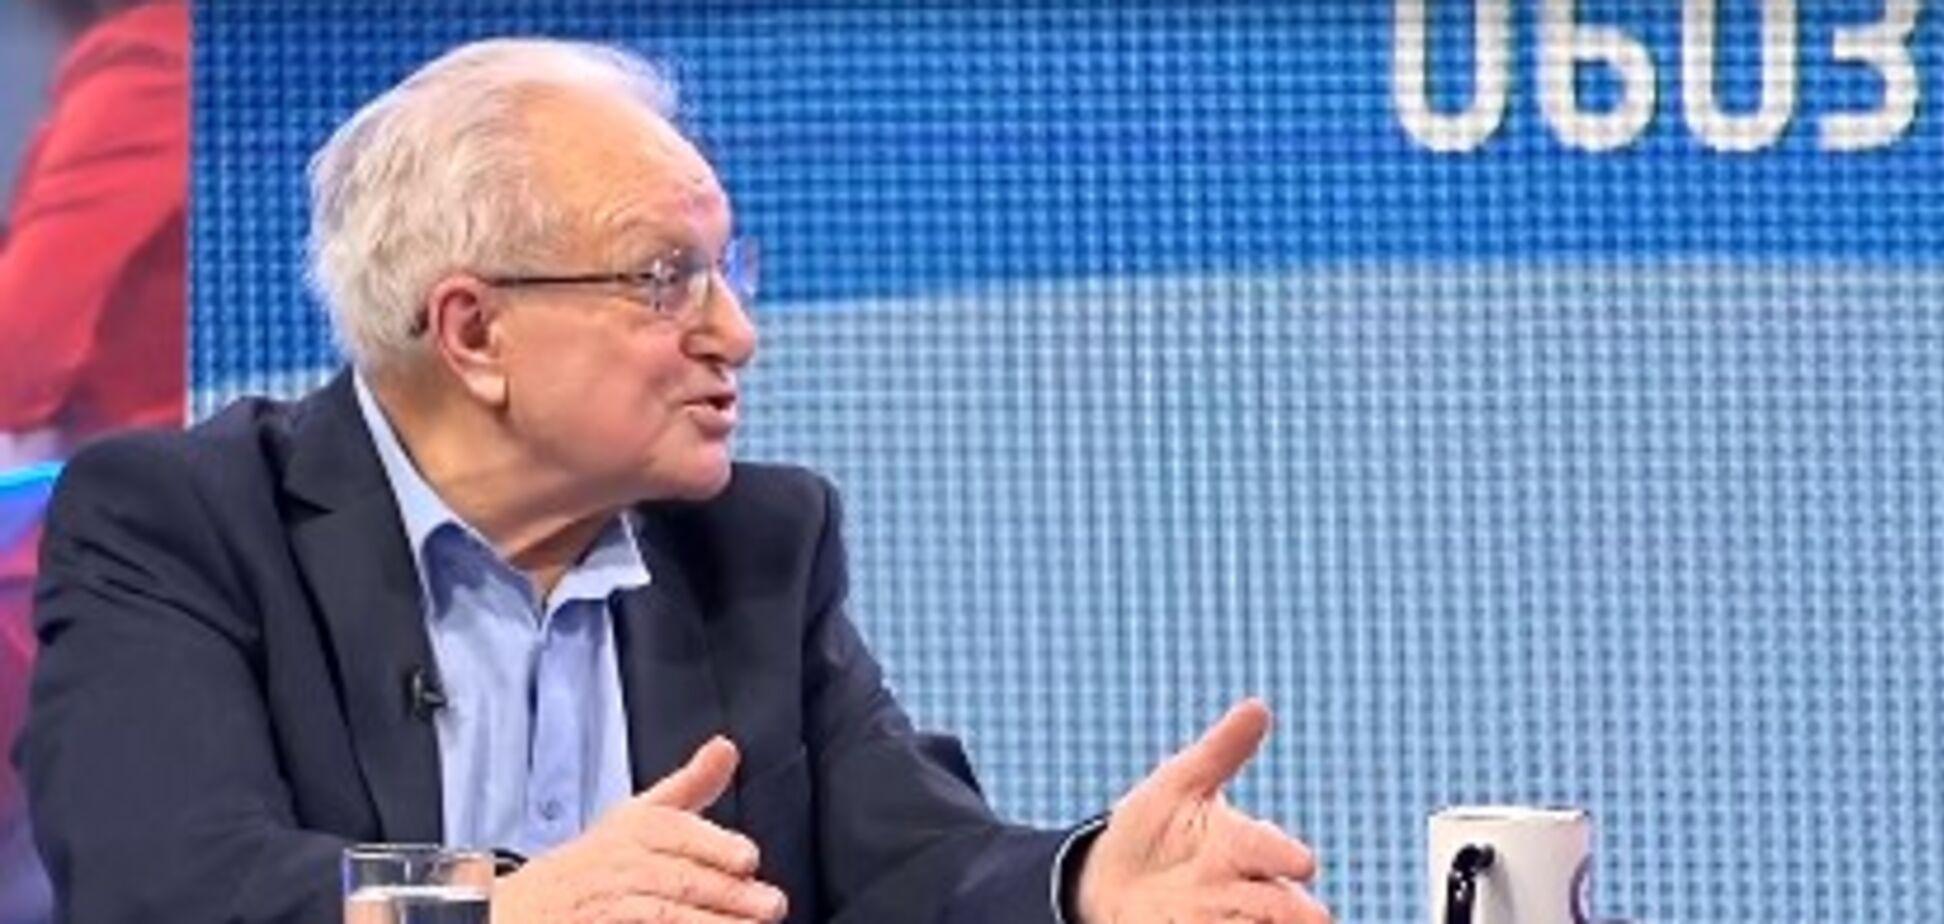 Посол Украины обвинил Россию в тяжком военном преступлении